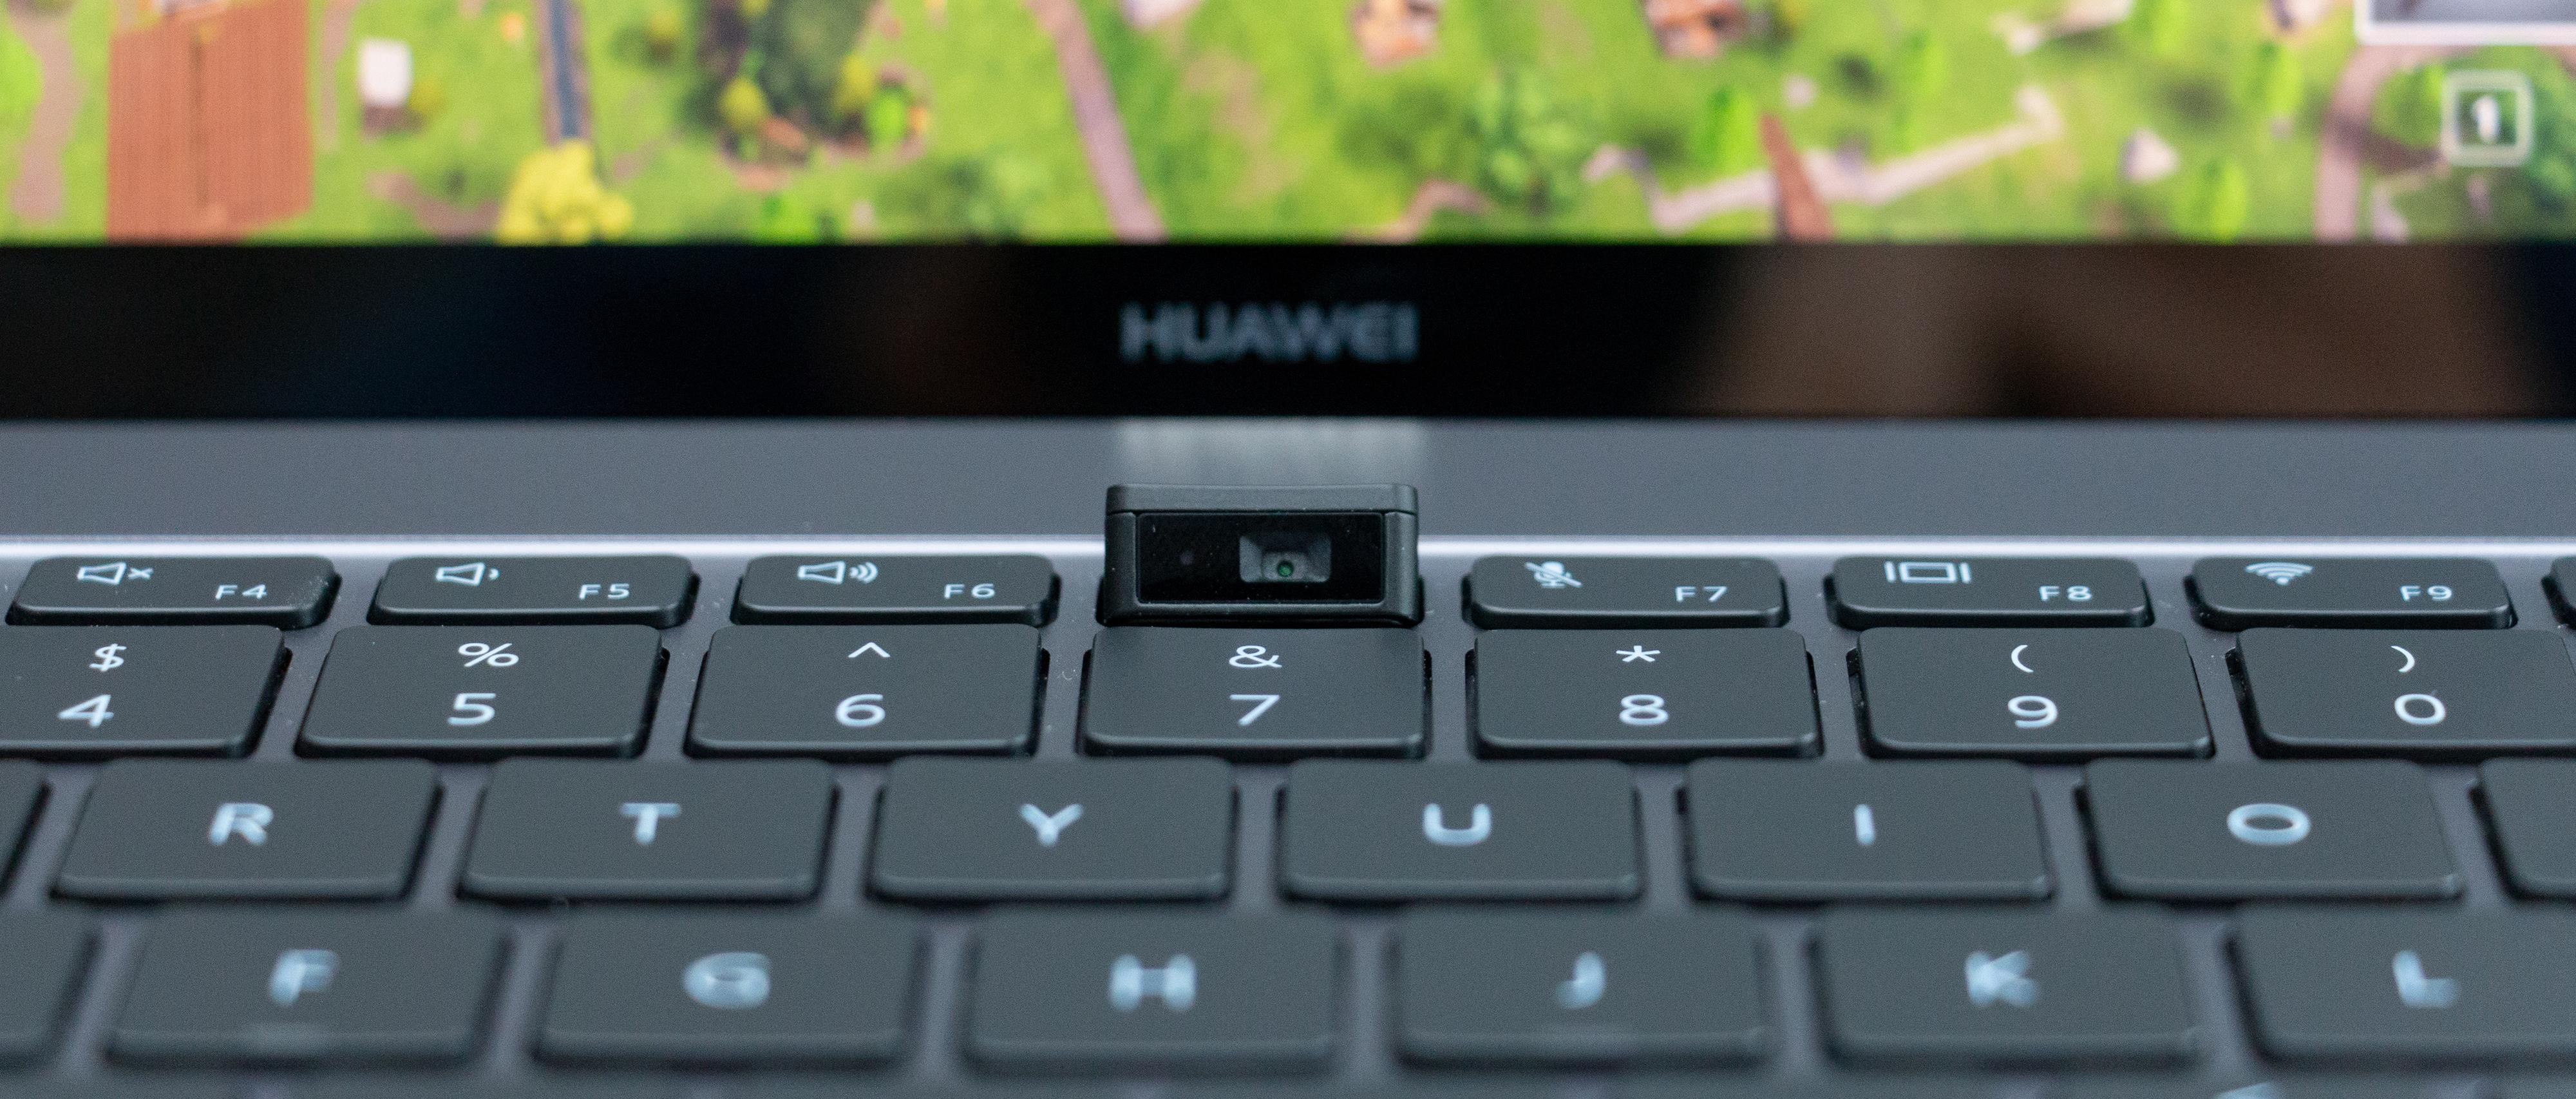 Et trykk på kamera-tasten og dette spretter opp av tastaturet.